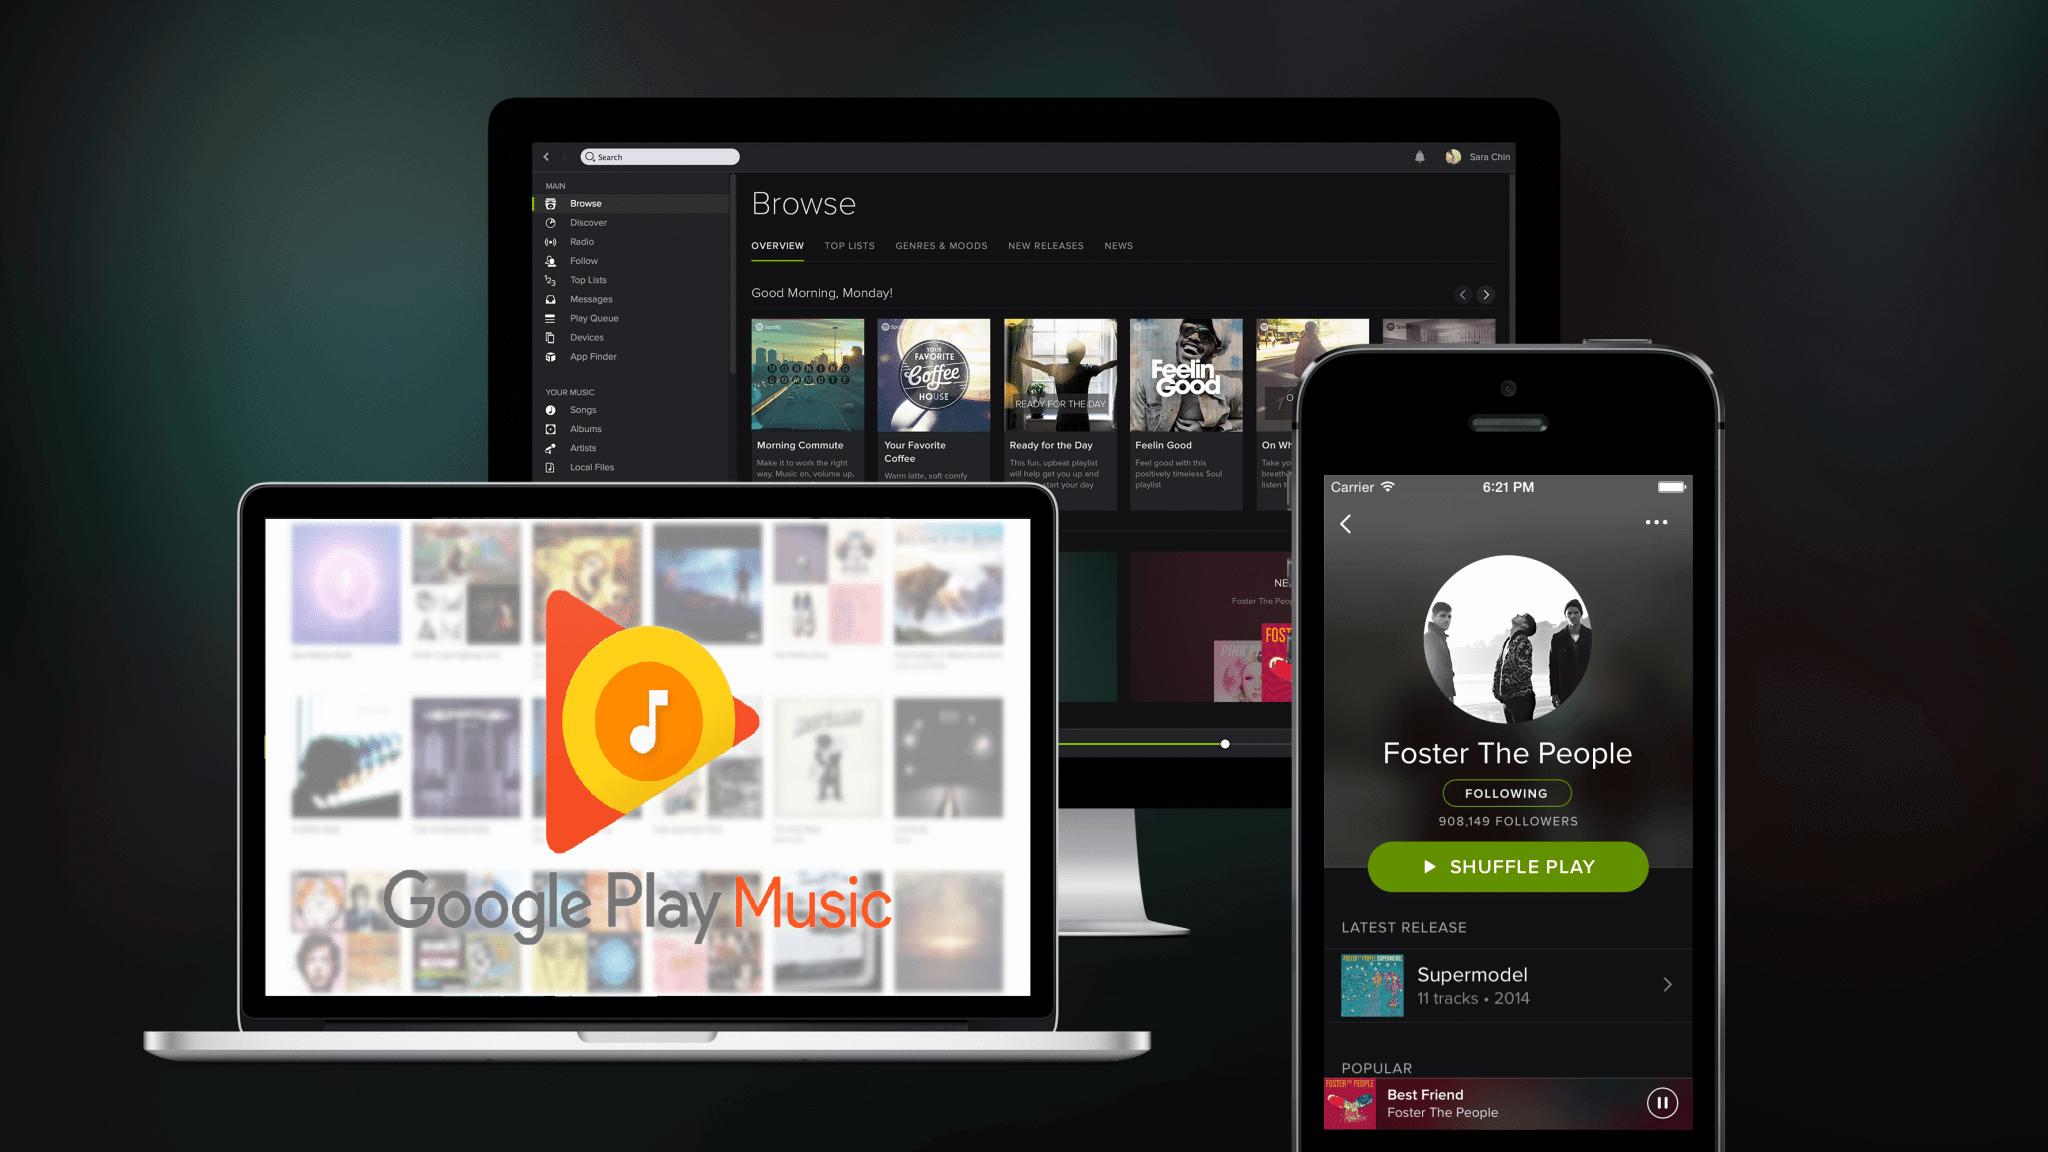 Spotify ou Google Music? Confira nossa comparação entre os apps